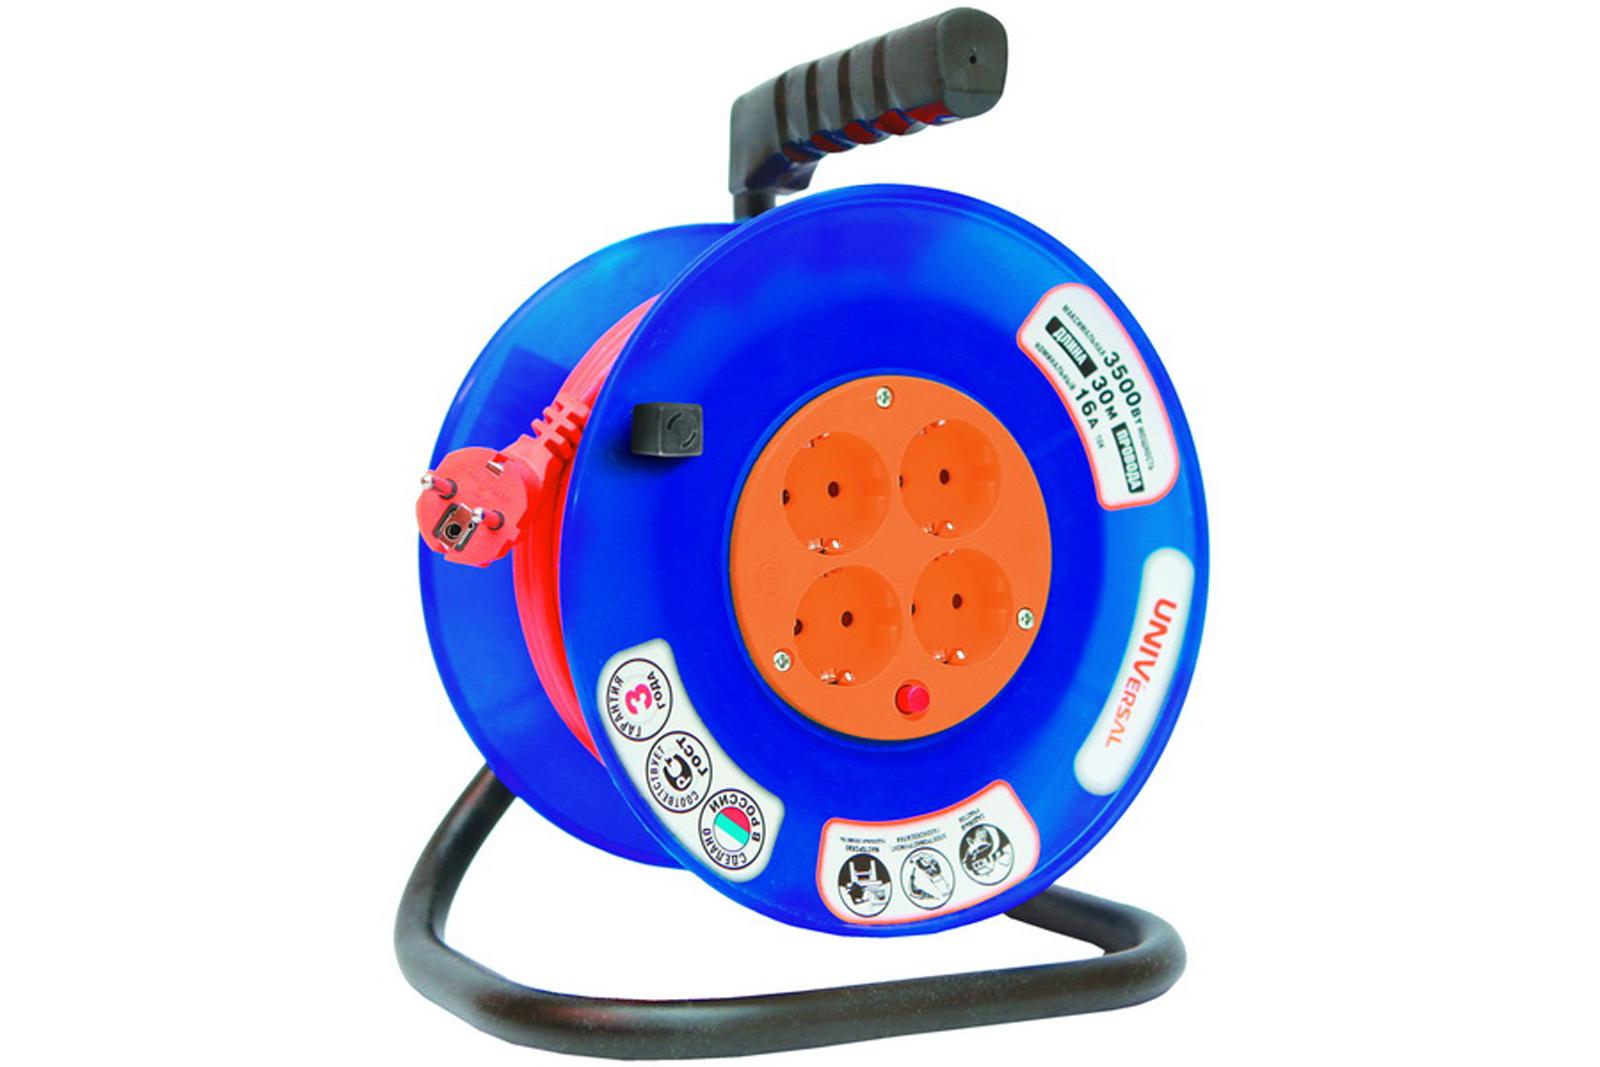 Удлинитель Universal ВЕМ-250 термо ПВС 3*0,75 4гнезда 30м силовой удлинитель universal вем 250 термо пвс 3 0 75 20м 9634151